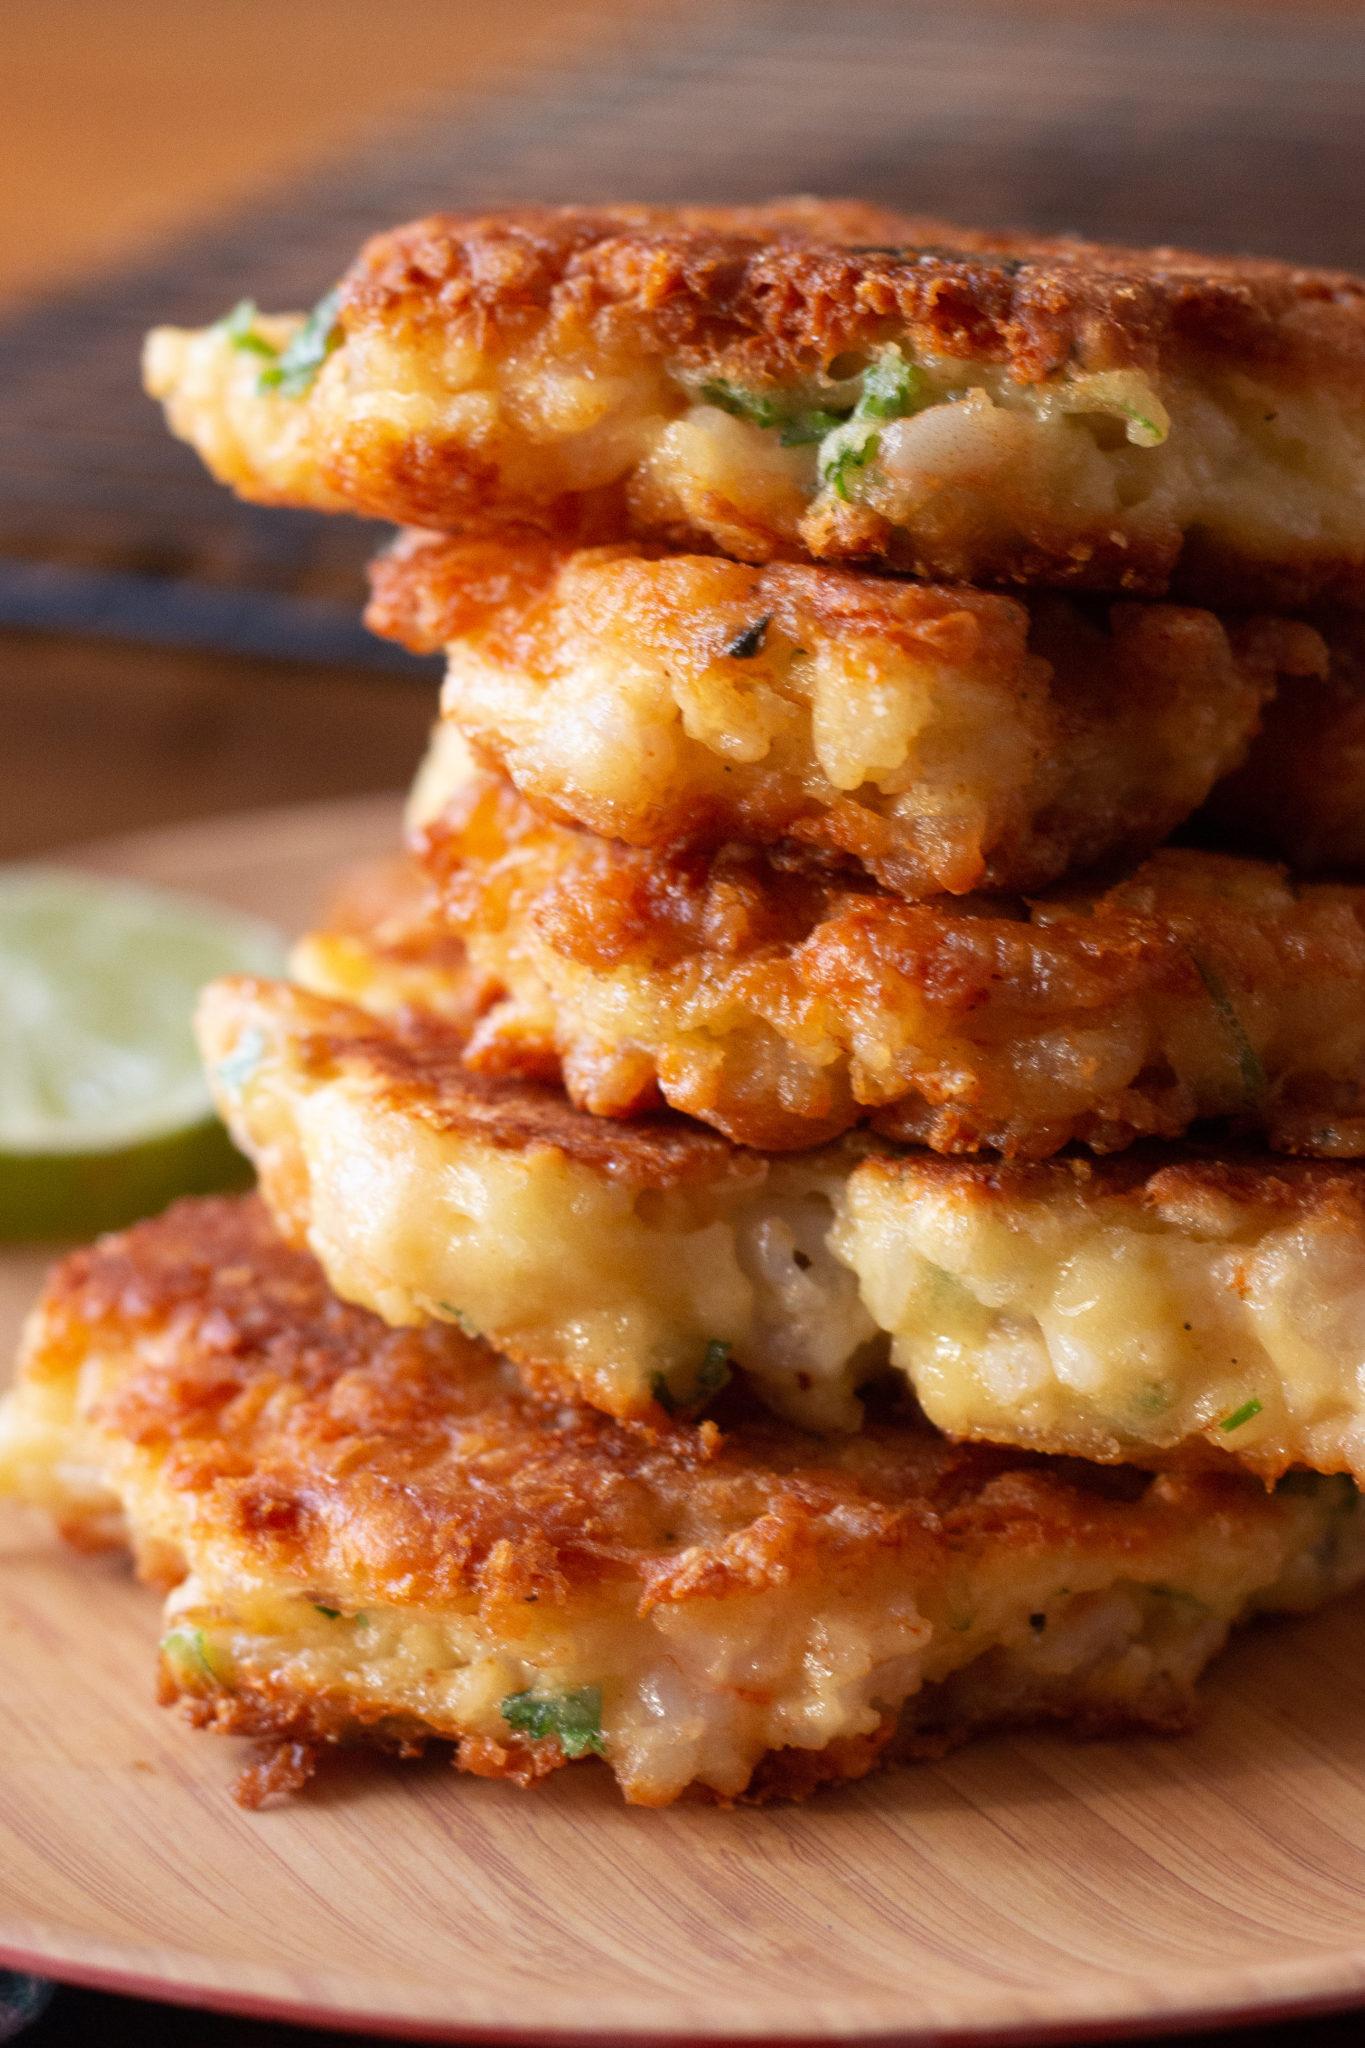 Tasty Homemade Cheesy Shrimp Patties